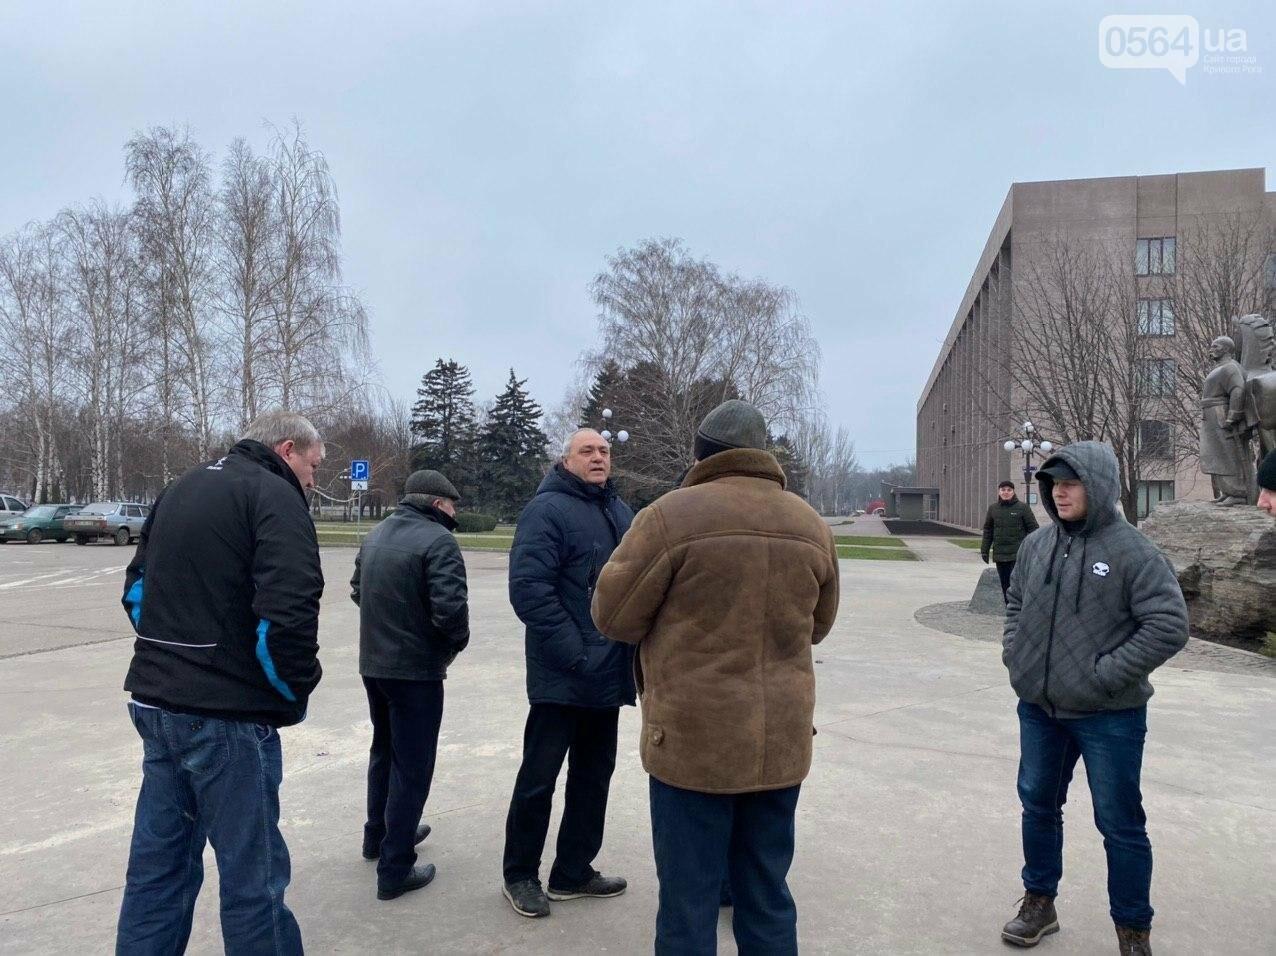 Криворожане записали видеообращение к земляку-президенту и рассказали, как ему убивают рейтинги в городе, - ФОТО, ВИДЕО , фото-8